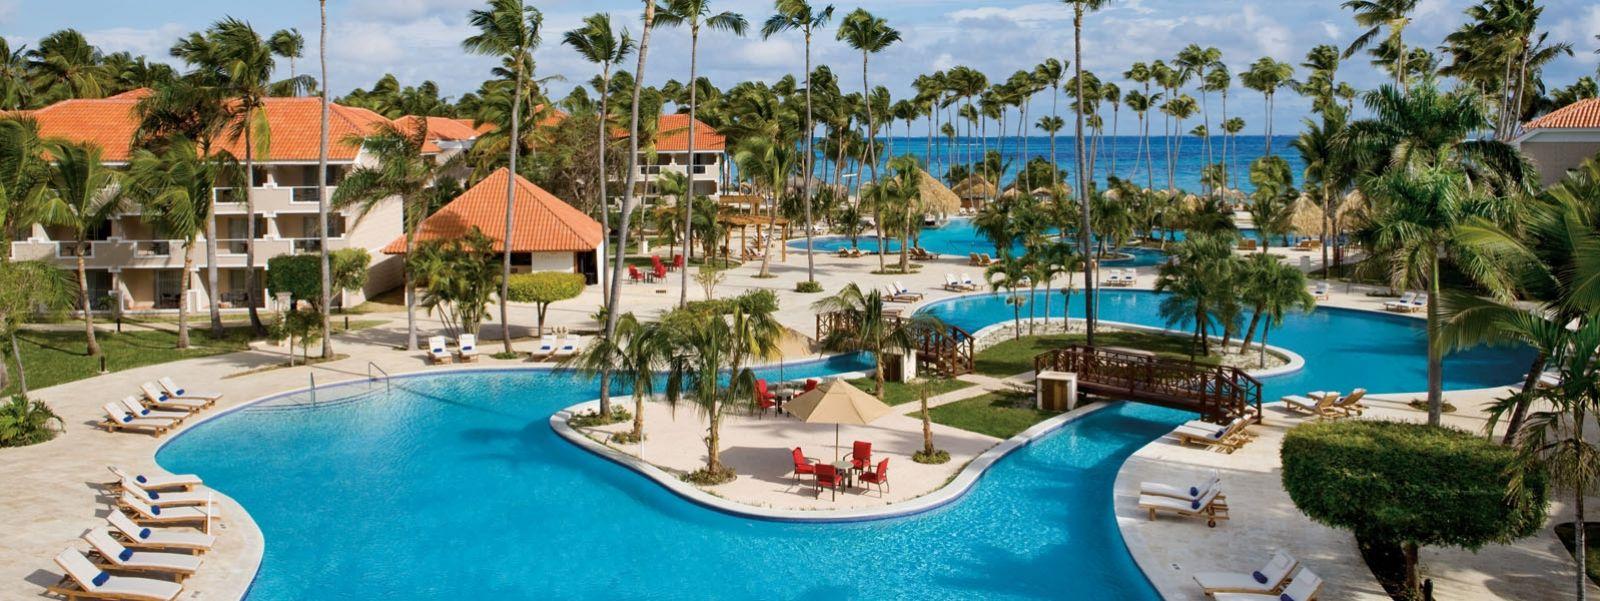 dreams-palm-beach-punta-cana-3-lg.jpg